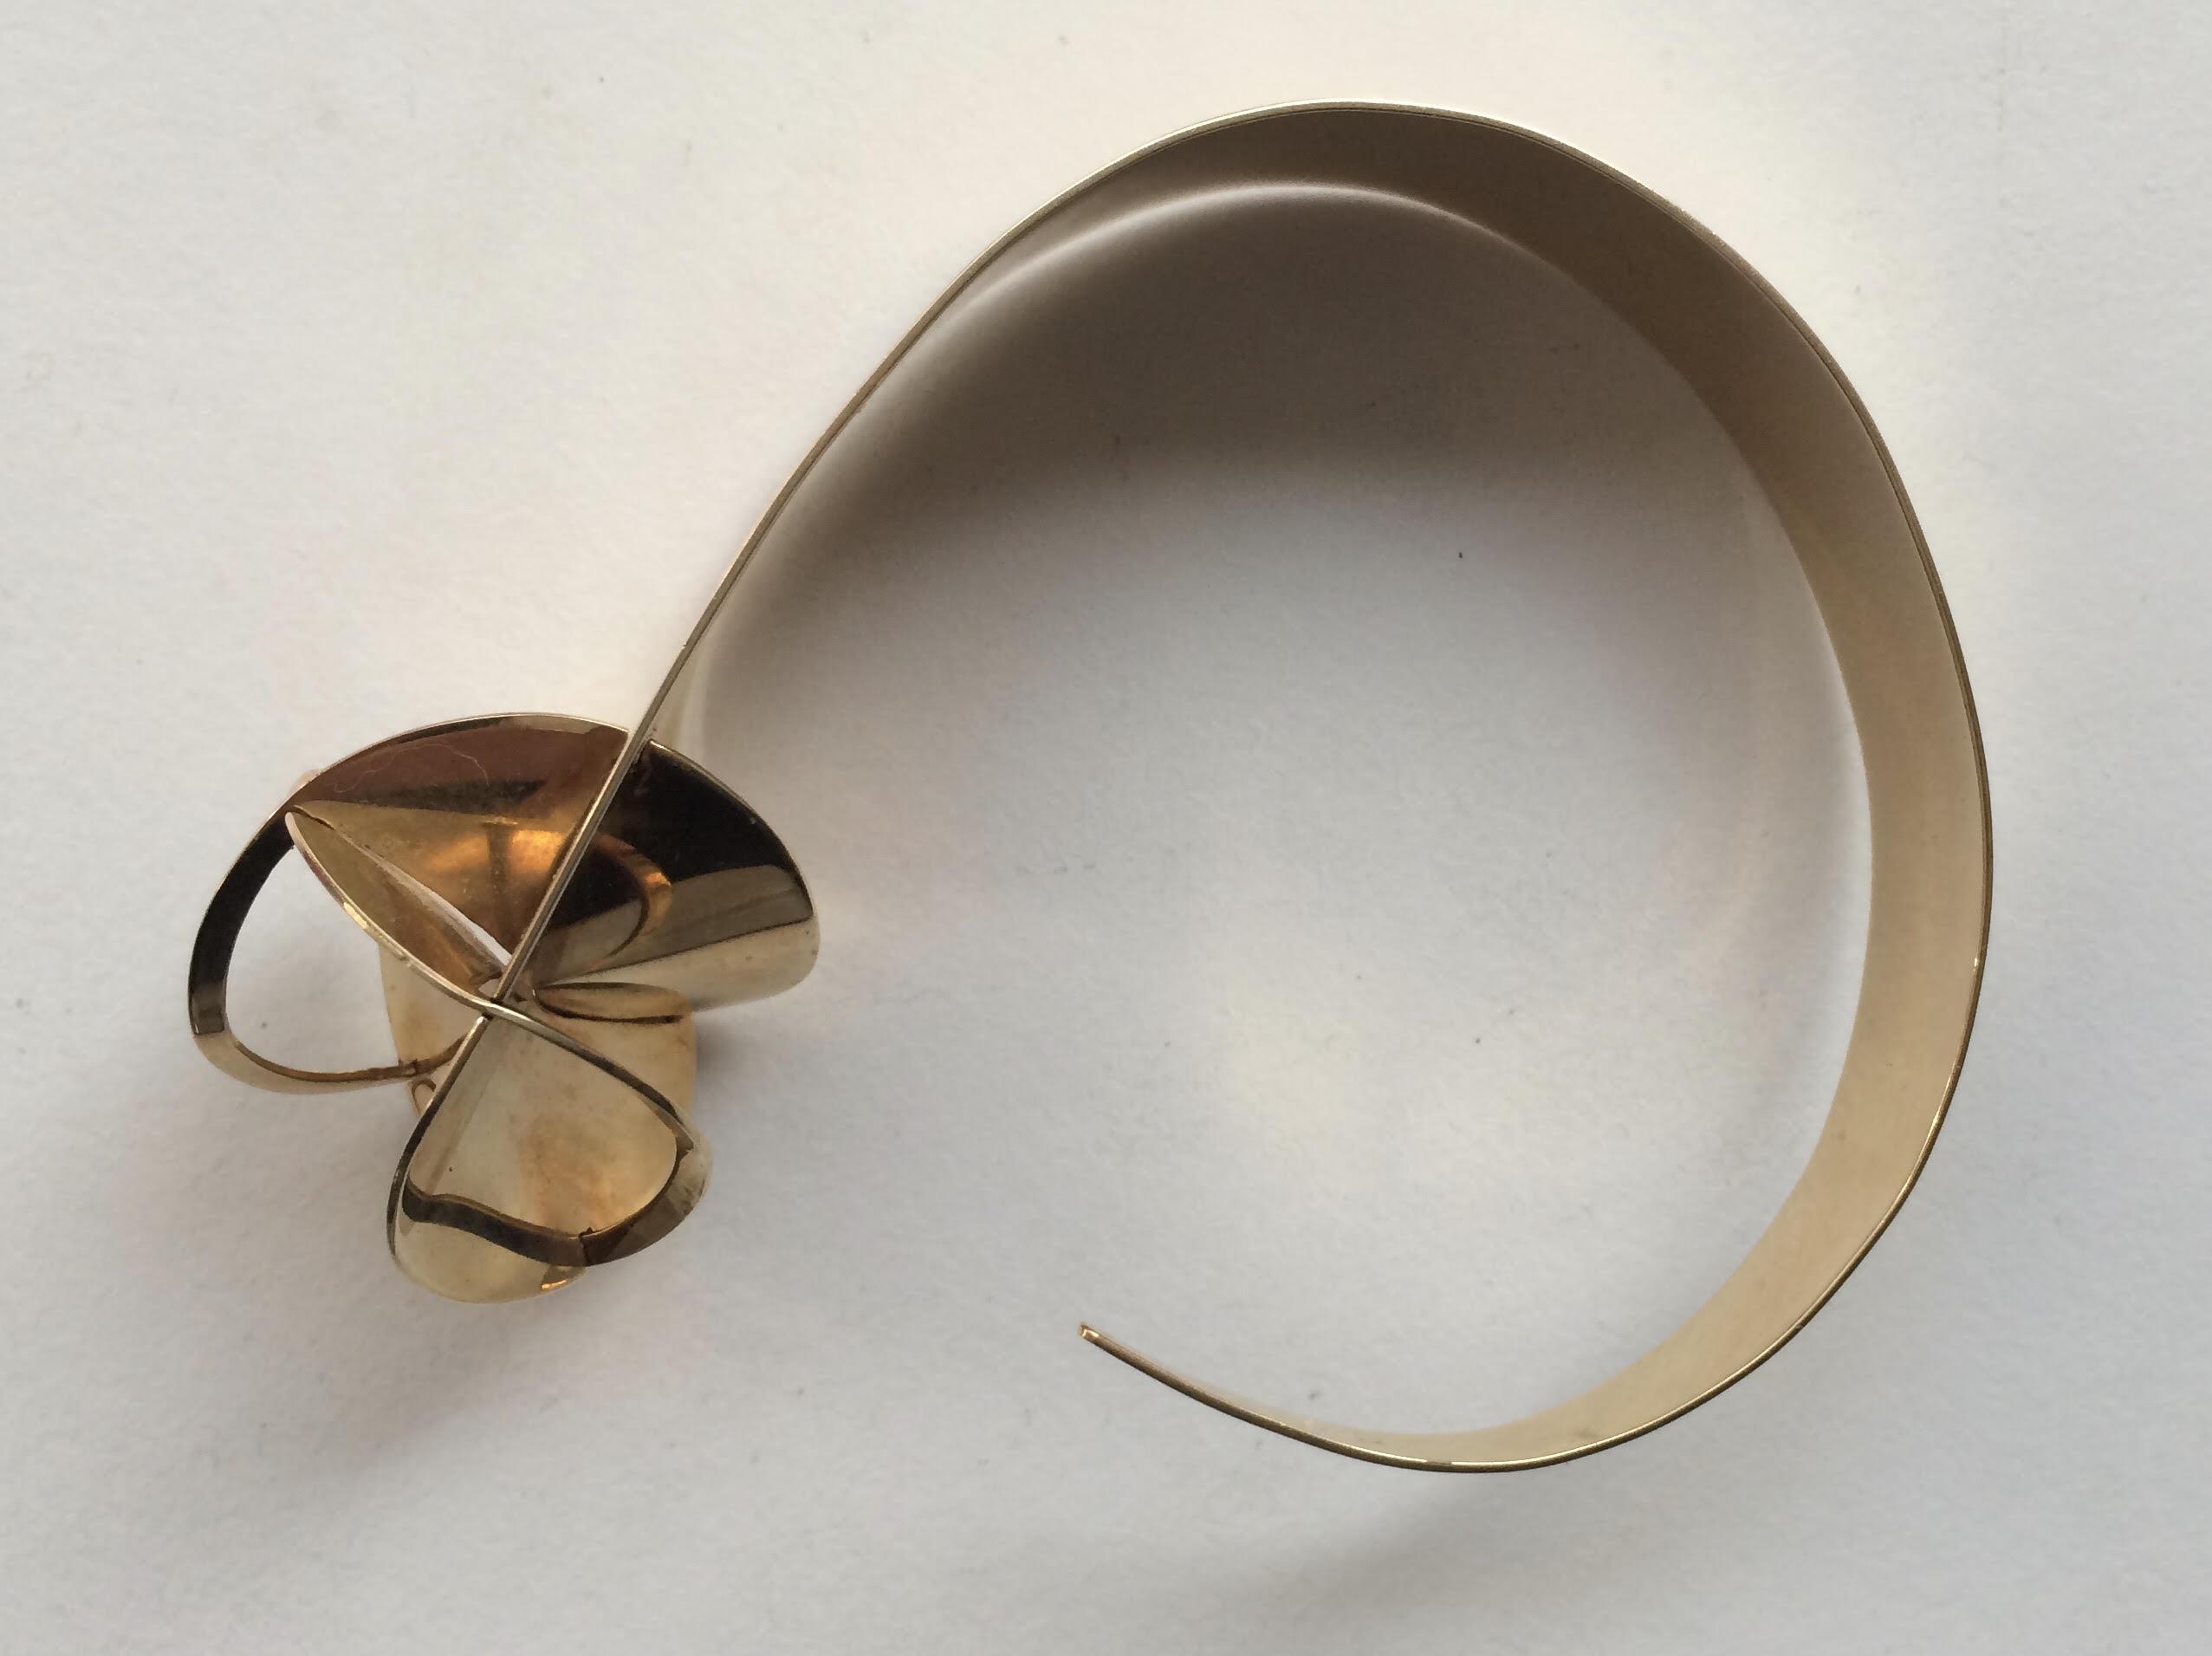 Nicolaas van Beek, armband, 1966. Collectie Riet Neerincx, metaal